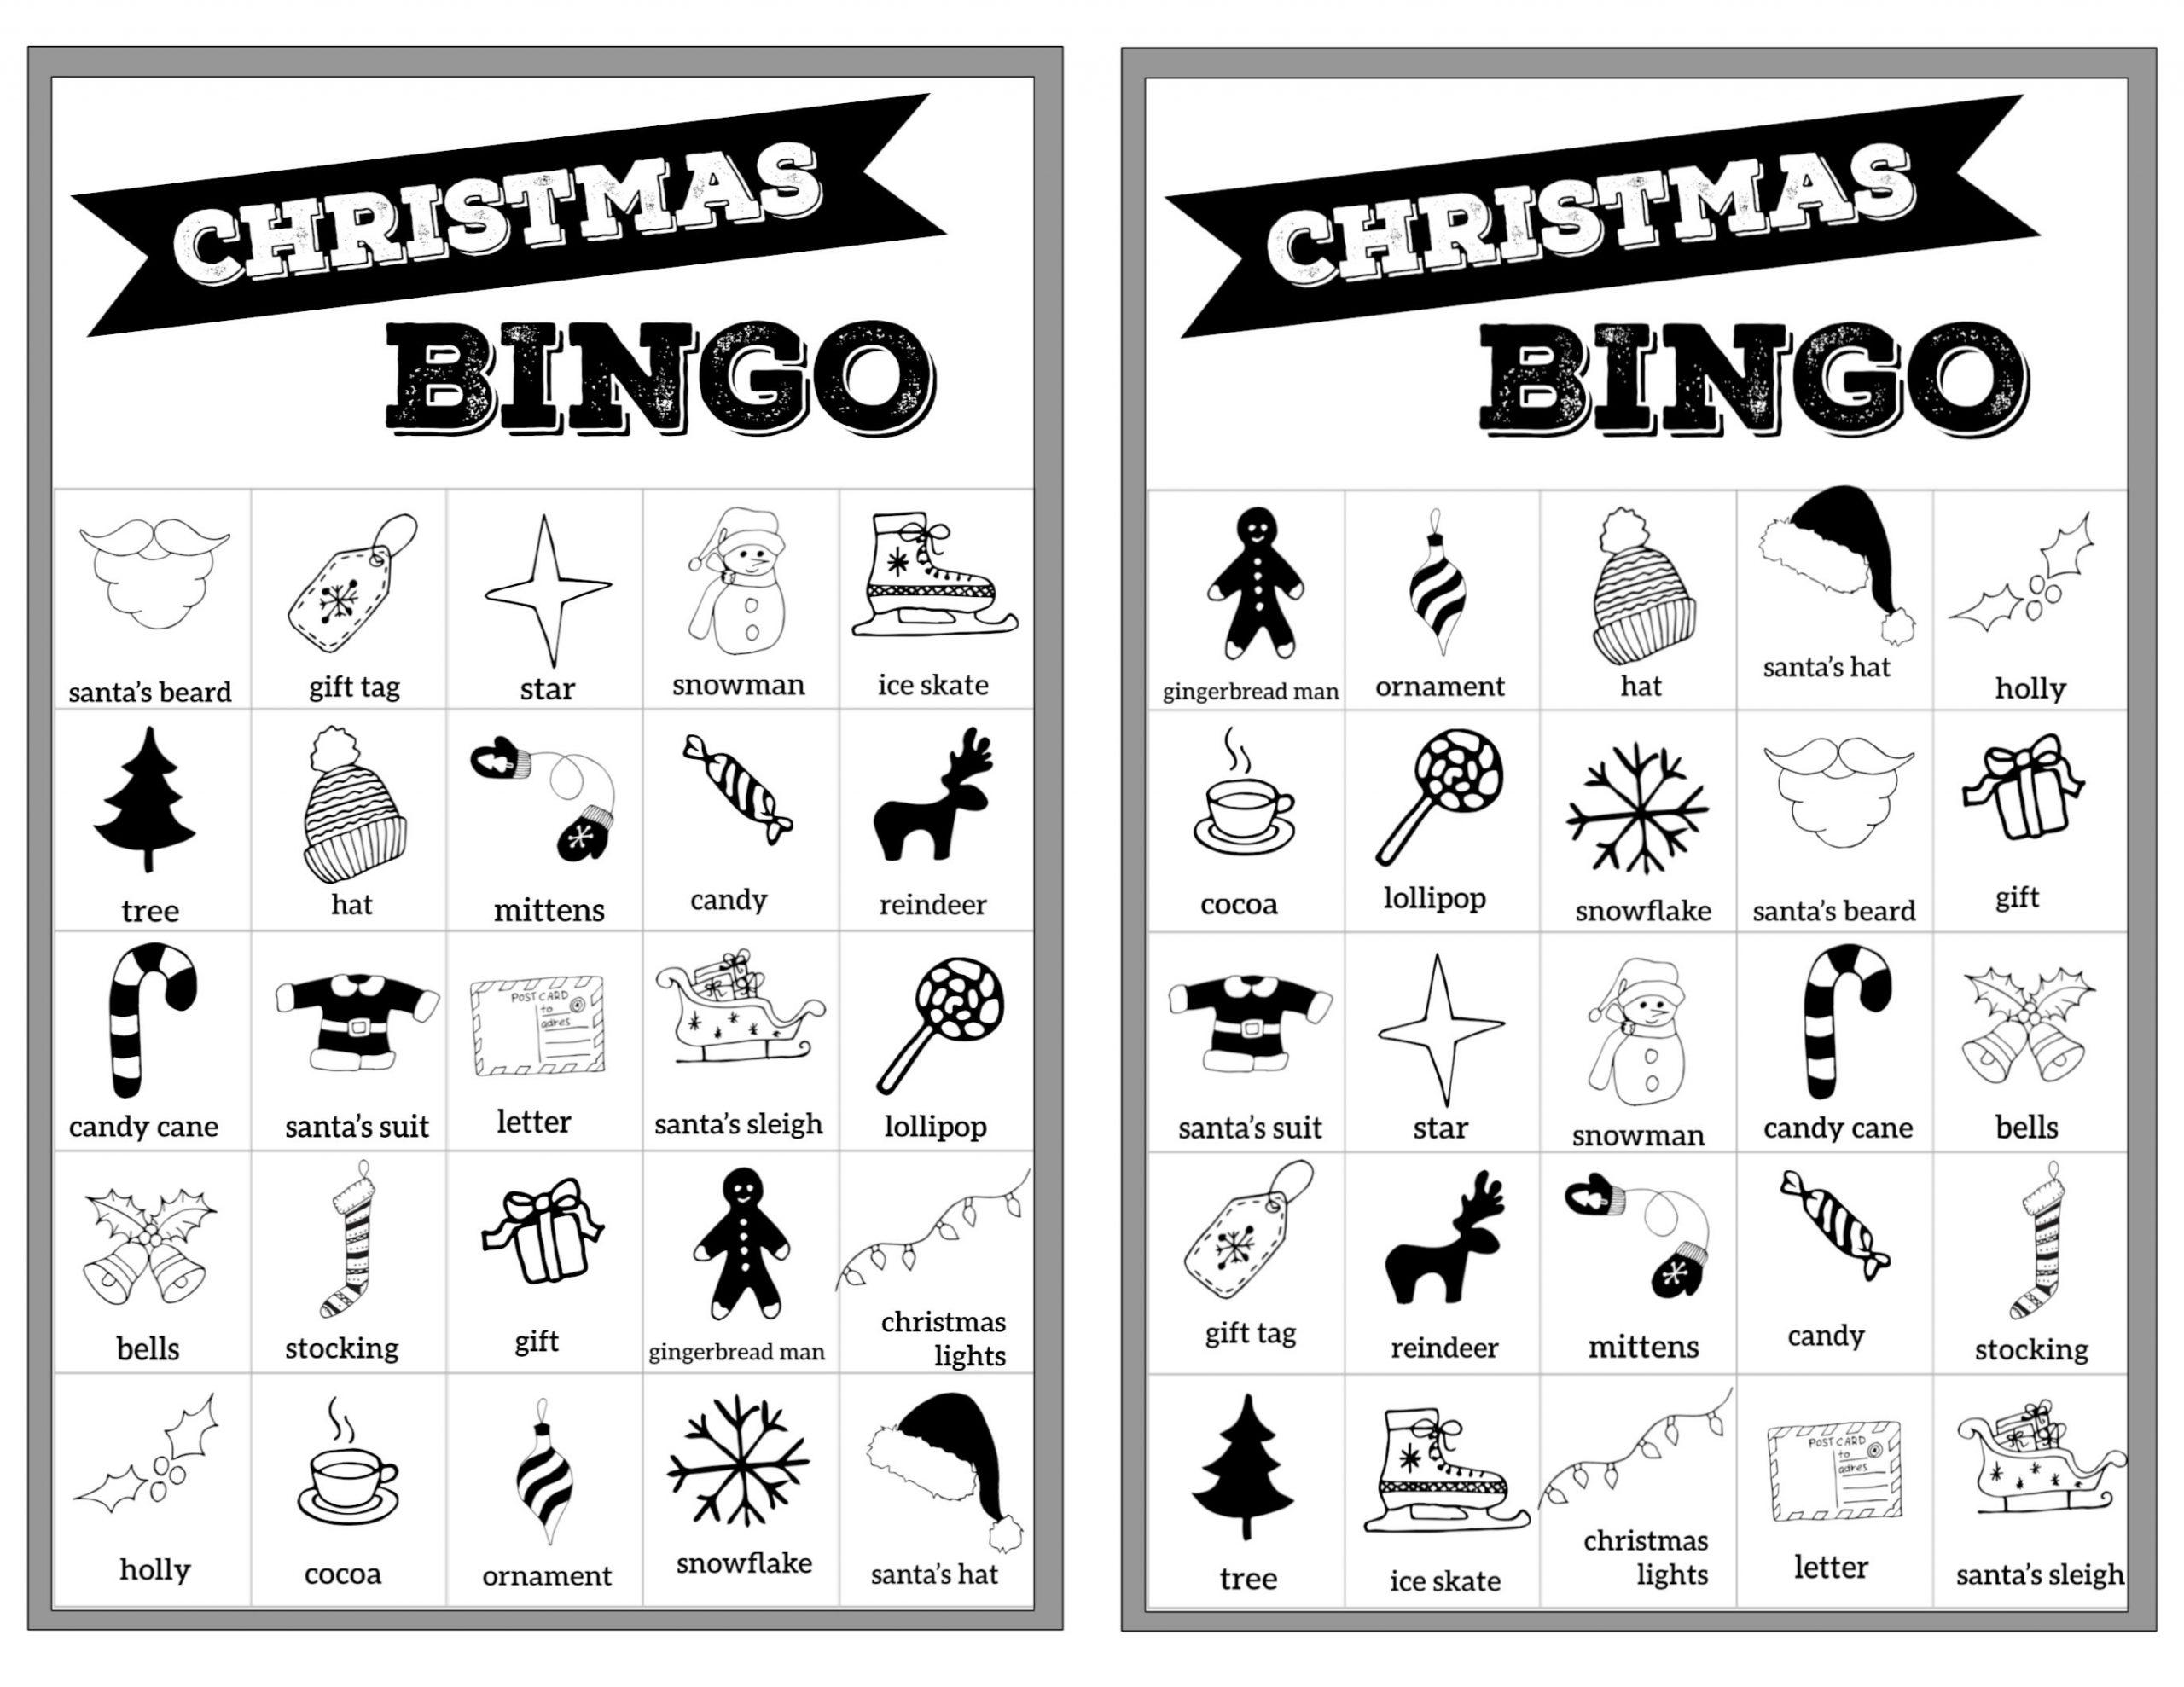 Christmas-Bingo-Pages-9-10 2,750×2,125 Pixels